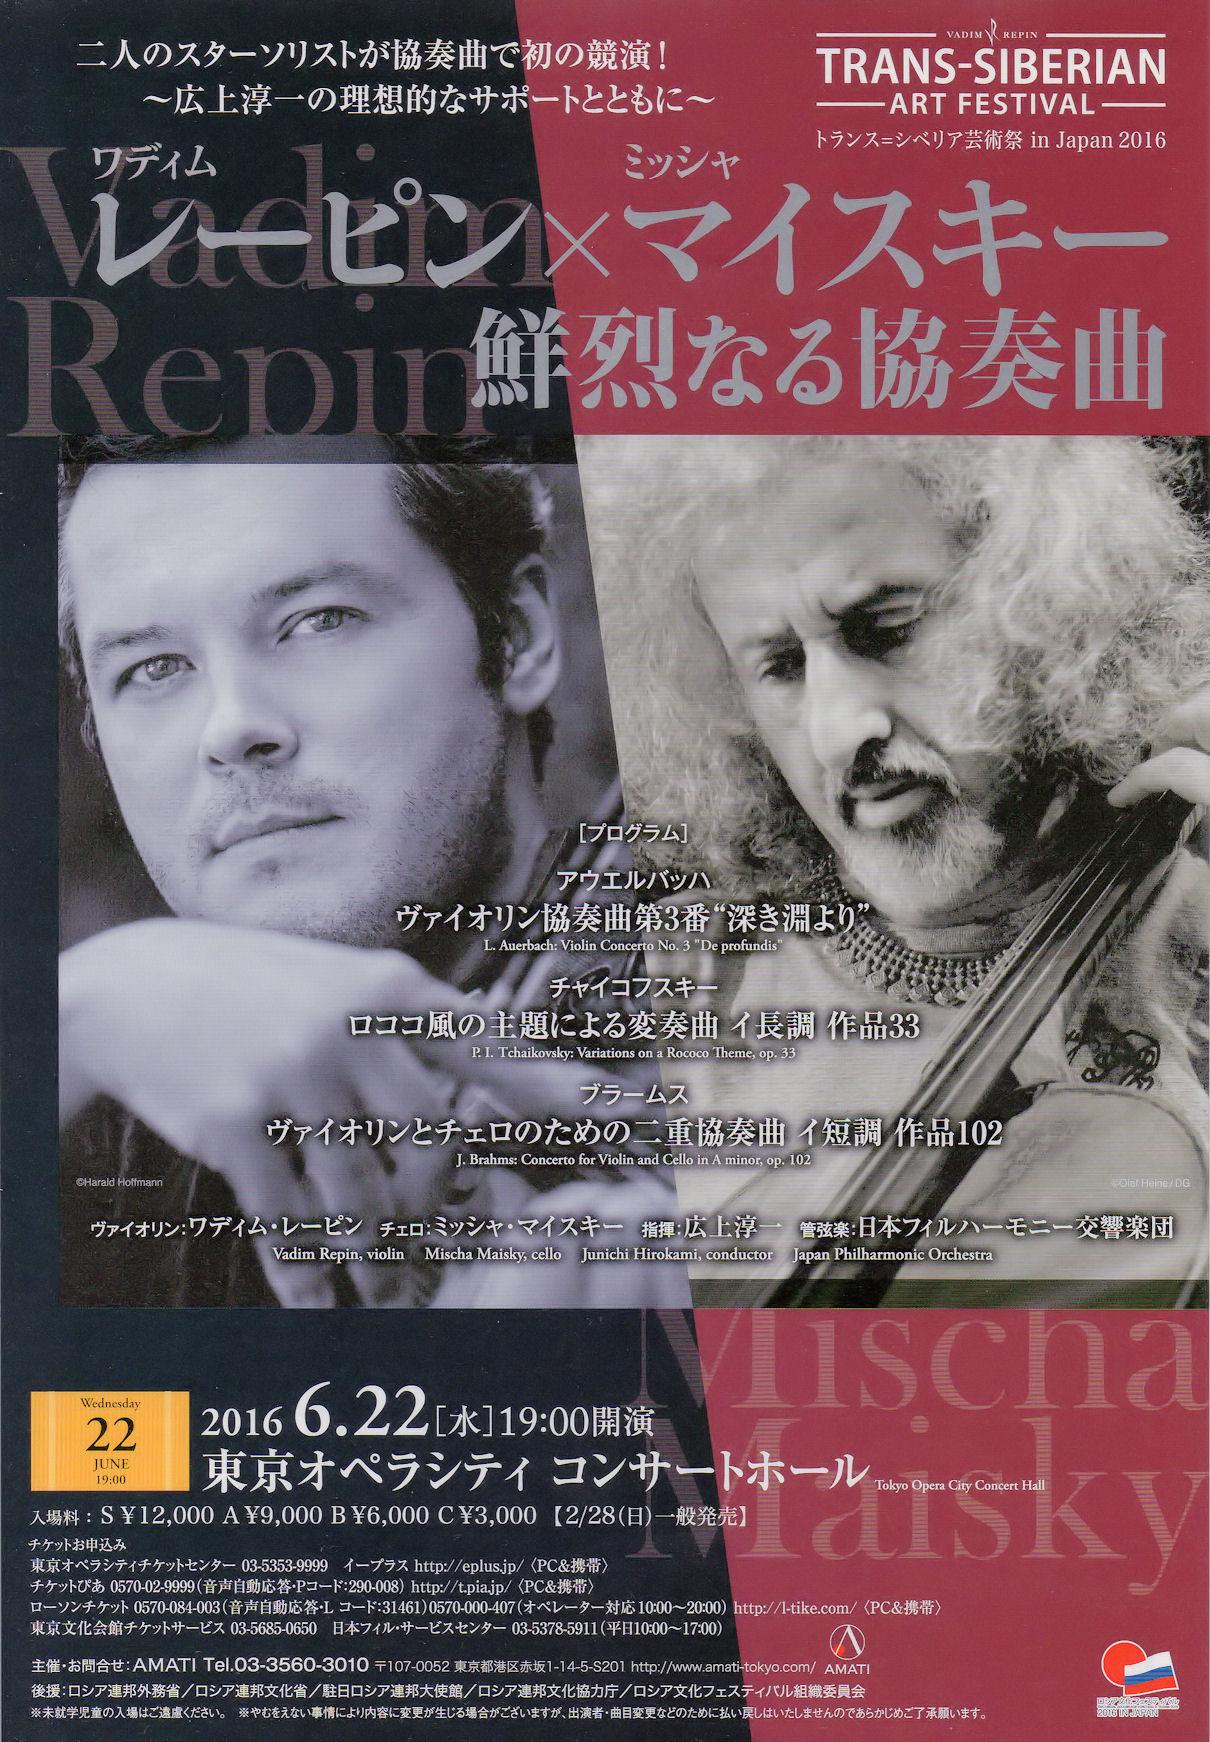 レーピン マイスキーのコンサートのポスター